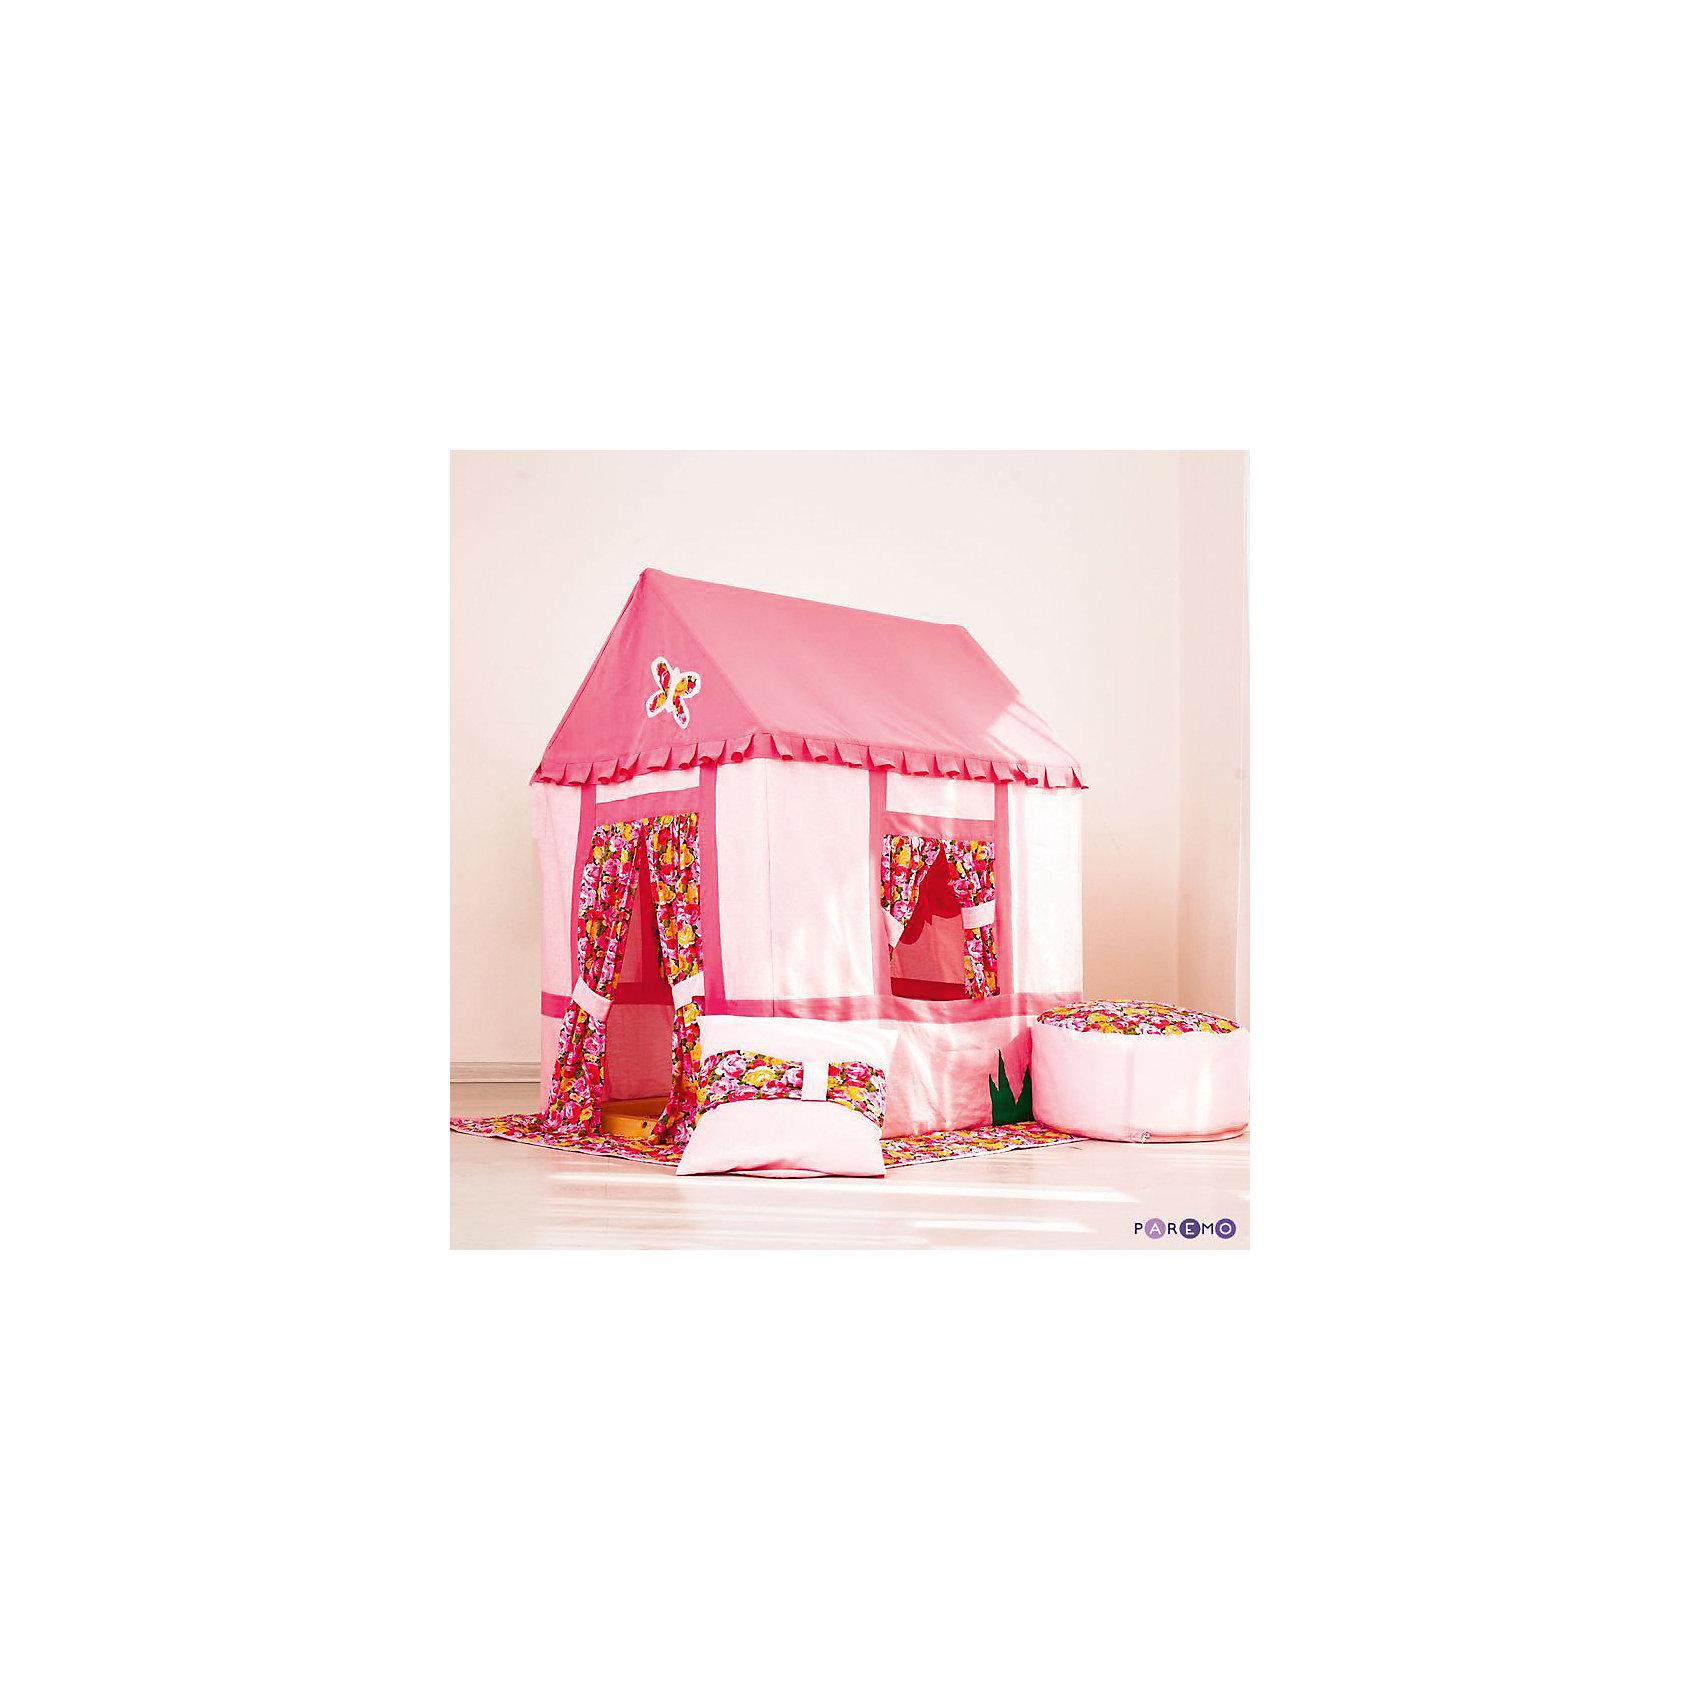 Текстильный домик-палатка с пуфиком  Дворец Мирабель, PAREMOИгровые центры<br>Текстильный домик-палатка с пуфиком Дворец Мирабель, PAREMO (ПАРЕМО).<br><br>Характеристики:<br><br>• Комплектация: деревянный каркас, чехол в форме домика, одеяло в основании, подушка, детский пуфик<br>• Материалы: сосна (каркас), текстиль (чехлы, одеяло), синтепон (набивка)<br>• Все текстильные элементы съемные для удобства стирки<br>• Размер домика-палатки: 75x100x120 см.<br>• Вес: 10 кг.<br>• Упаковка: транспортная картонная коробка<br>• ВНИМАНИЕ! Оттенок текстиля зависит от партии поставки и может незначительно отличаться в оттенке или орнаменте, сохраняя суть первично заявленной цветовой комбинации. Возможная цветовая коррекция не меняют потребительских свойств продукции<br><br>Яркий домик-палатка с пуфиком Дворец Мирабель, украшенный бабочками и цветочным принтом, разработан для юных принцесс старше 3 лет. Каркас домика изготовлен из натуральной древесины твердых сортов, и имеет габариты, ориентированные на стандартный дверной проем, что позволит перемещать домик внутри квартиры или выносить его на улицу, не разбирая. Хлопковый чехол фиксируется завязками в основании домика. В домике большой дверной проем и 2 окошка. <br><br>Дверь и окна декорированы яркими шторками с цветочным орнаментом. Набор также включает яркую подушку, мягкий пуфик и одеяло, которое используется в домике в качестве пола. Текстильный домик-палатка с пуфиком Дворец Мирабель позволит создать безопасную игровую площадку и место для комфортного отдыха вашей малышки. Качественное исполнение и внушительная комплектация набора, несомненно, порадует родителей. Сделано в России!<br><br>Текстильный домик-палатку с пуфиком Дворец Мирабель, PAREMO (ПАРЕМО) можно купить в нашем интернет-магазине.<br><br>Ширина мм: 1200<br>Глубина мм: 1000<br>Высота мм: 750<br>Вес г: 10500<br>Возраст от месяцев: 36<br>Возраст до месяцев: 120<br>Пол: Женский<br>Возраст: Детский<br>SKU: 5482297